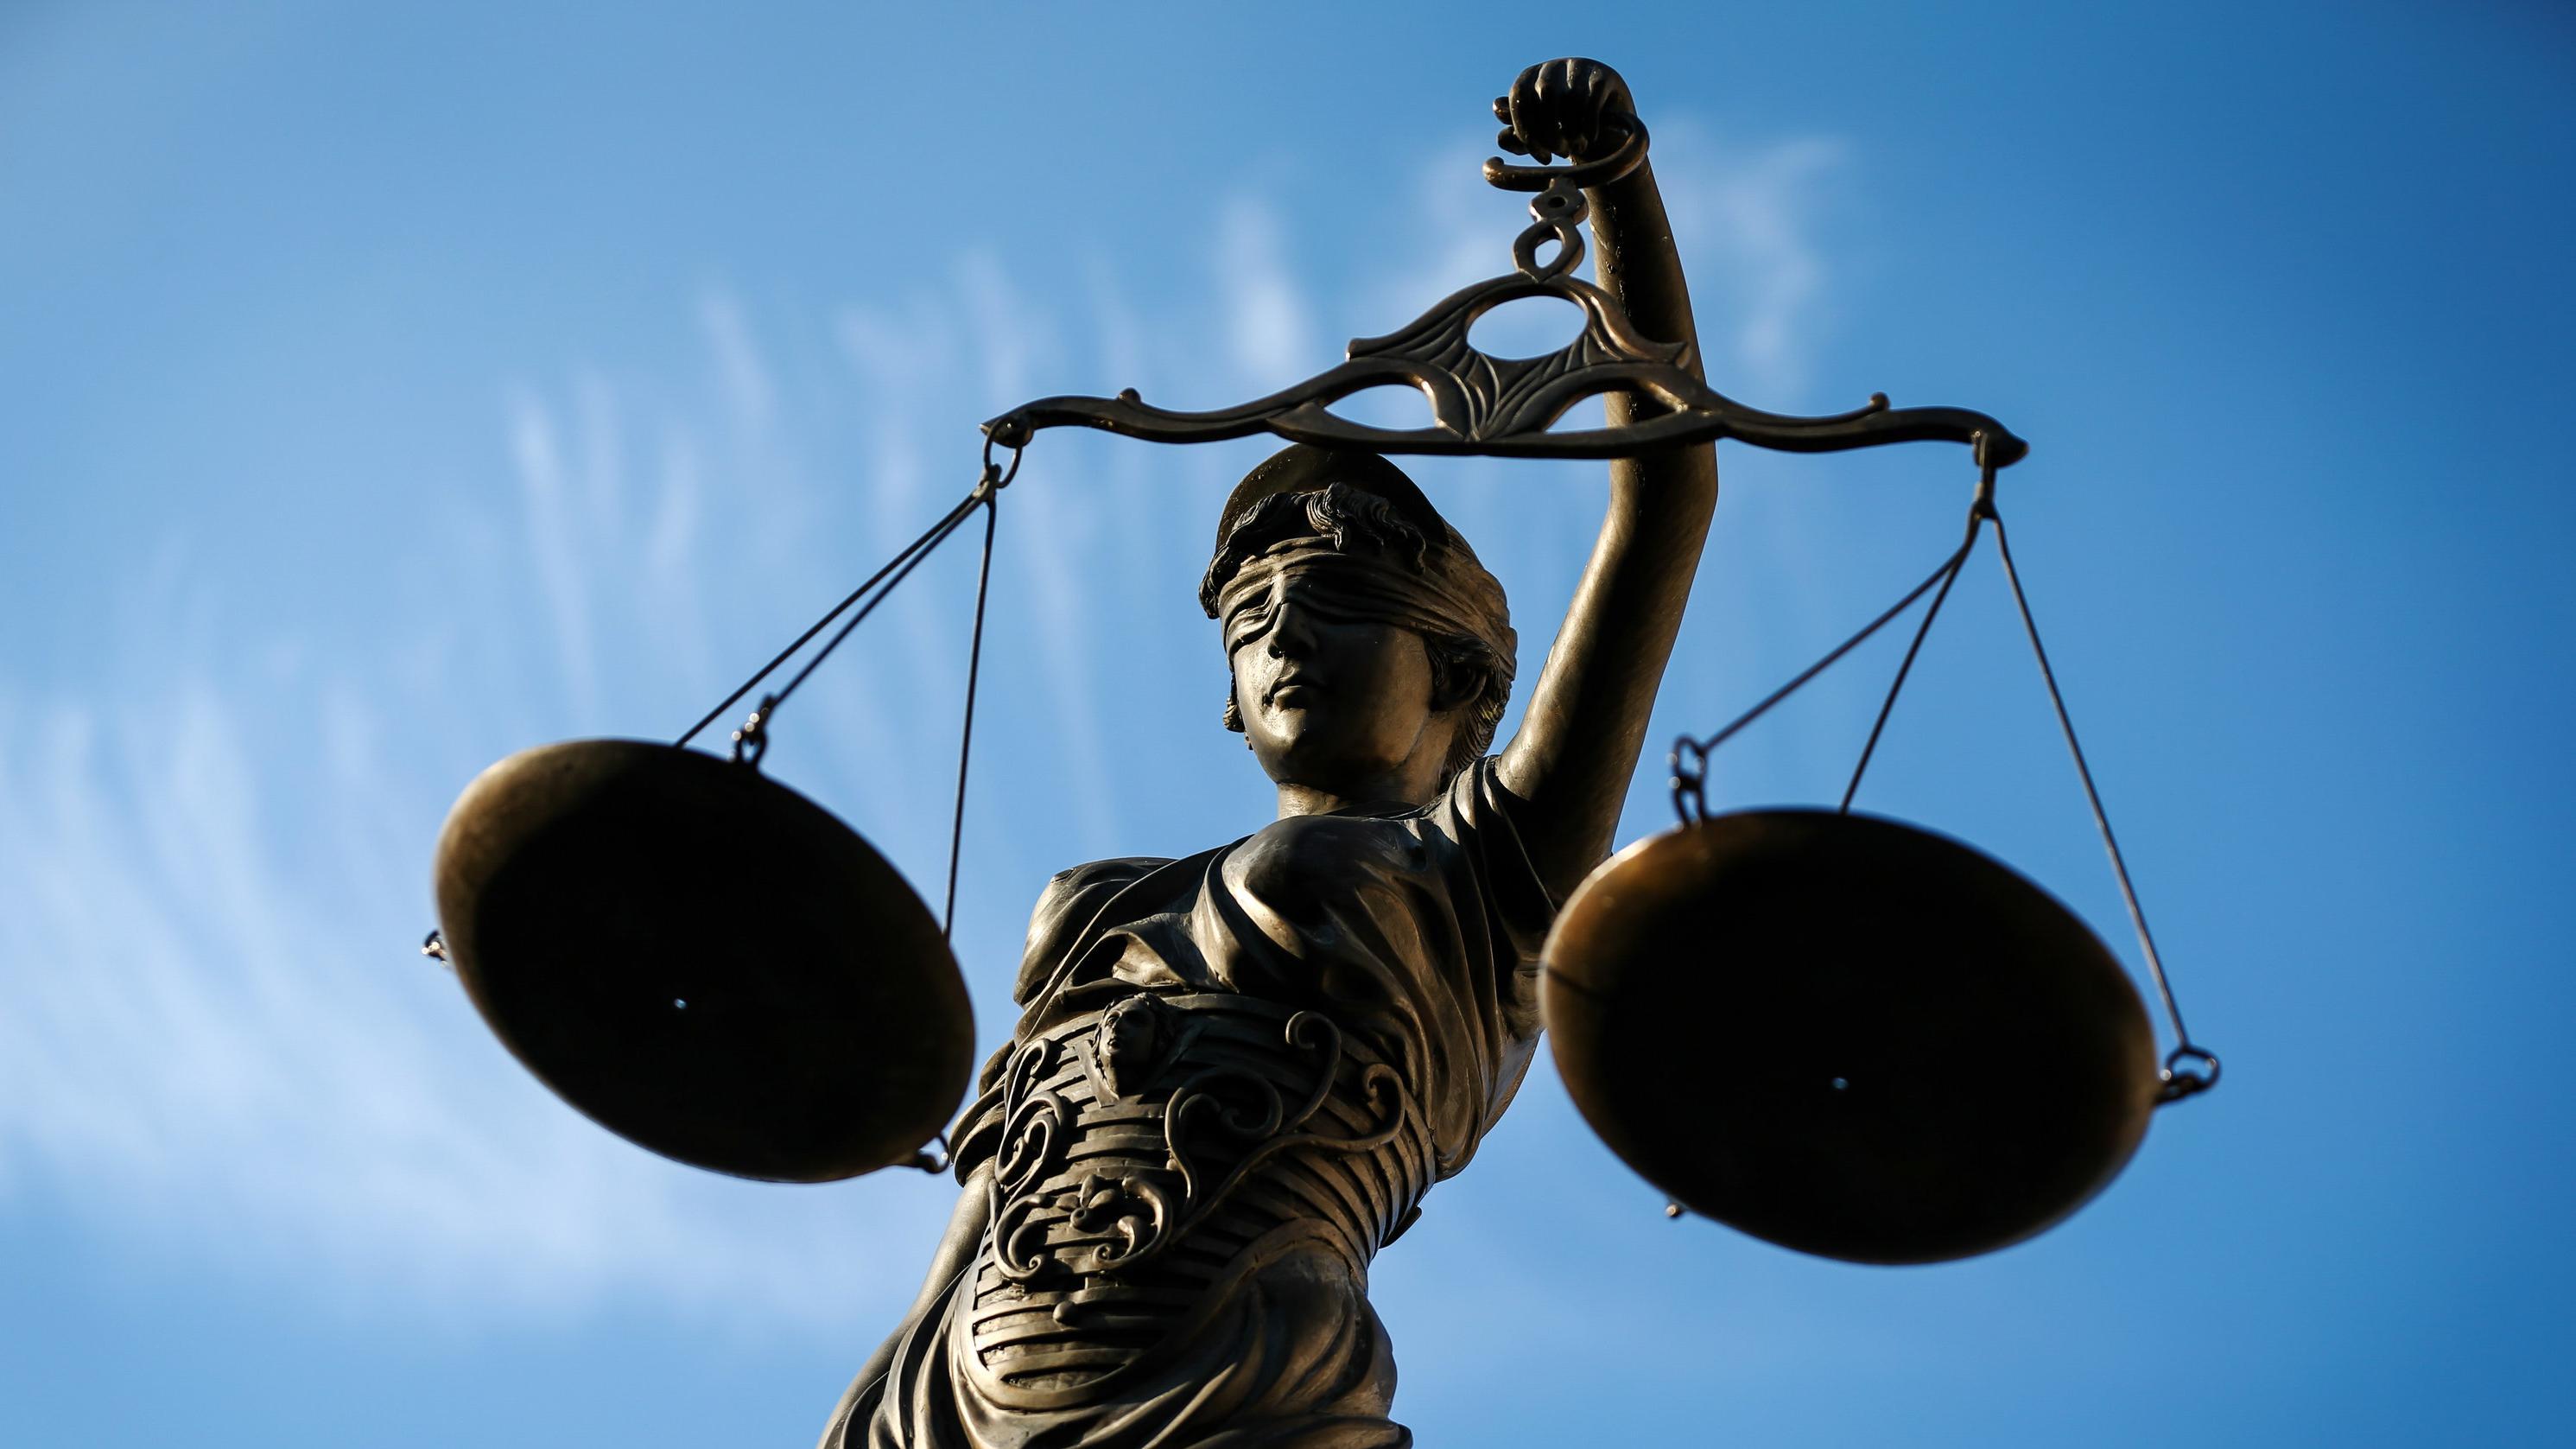 Statue der Justizia mit Waage in der Hand